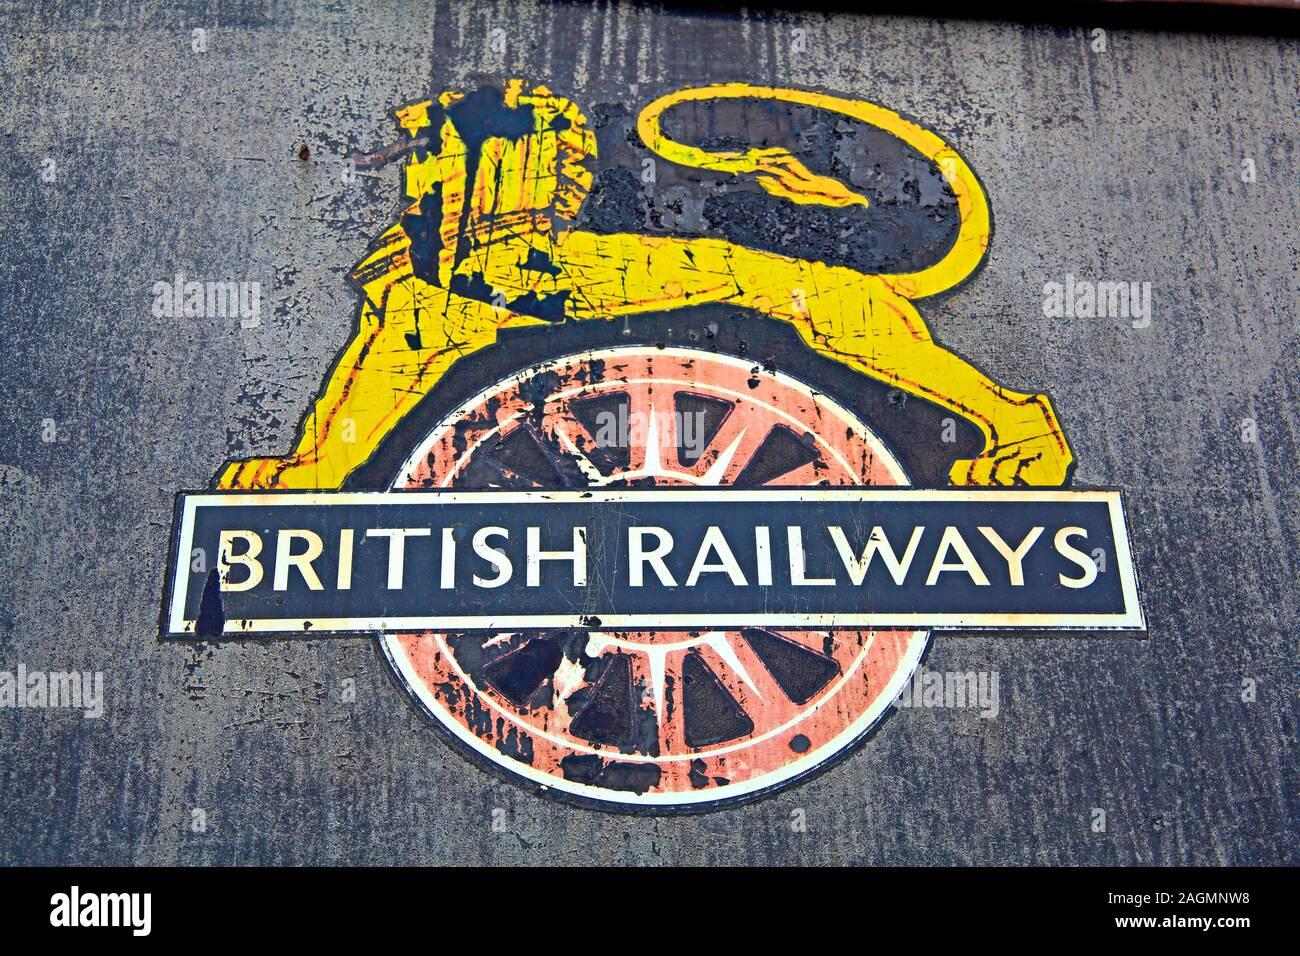 Dieses Stockfoto: Das historische alte Logo der British Railways, Crewe, England, Großbritannien - 2AGMNW